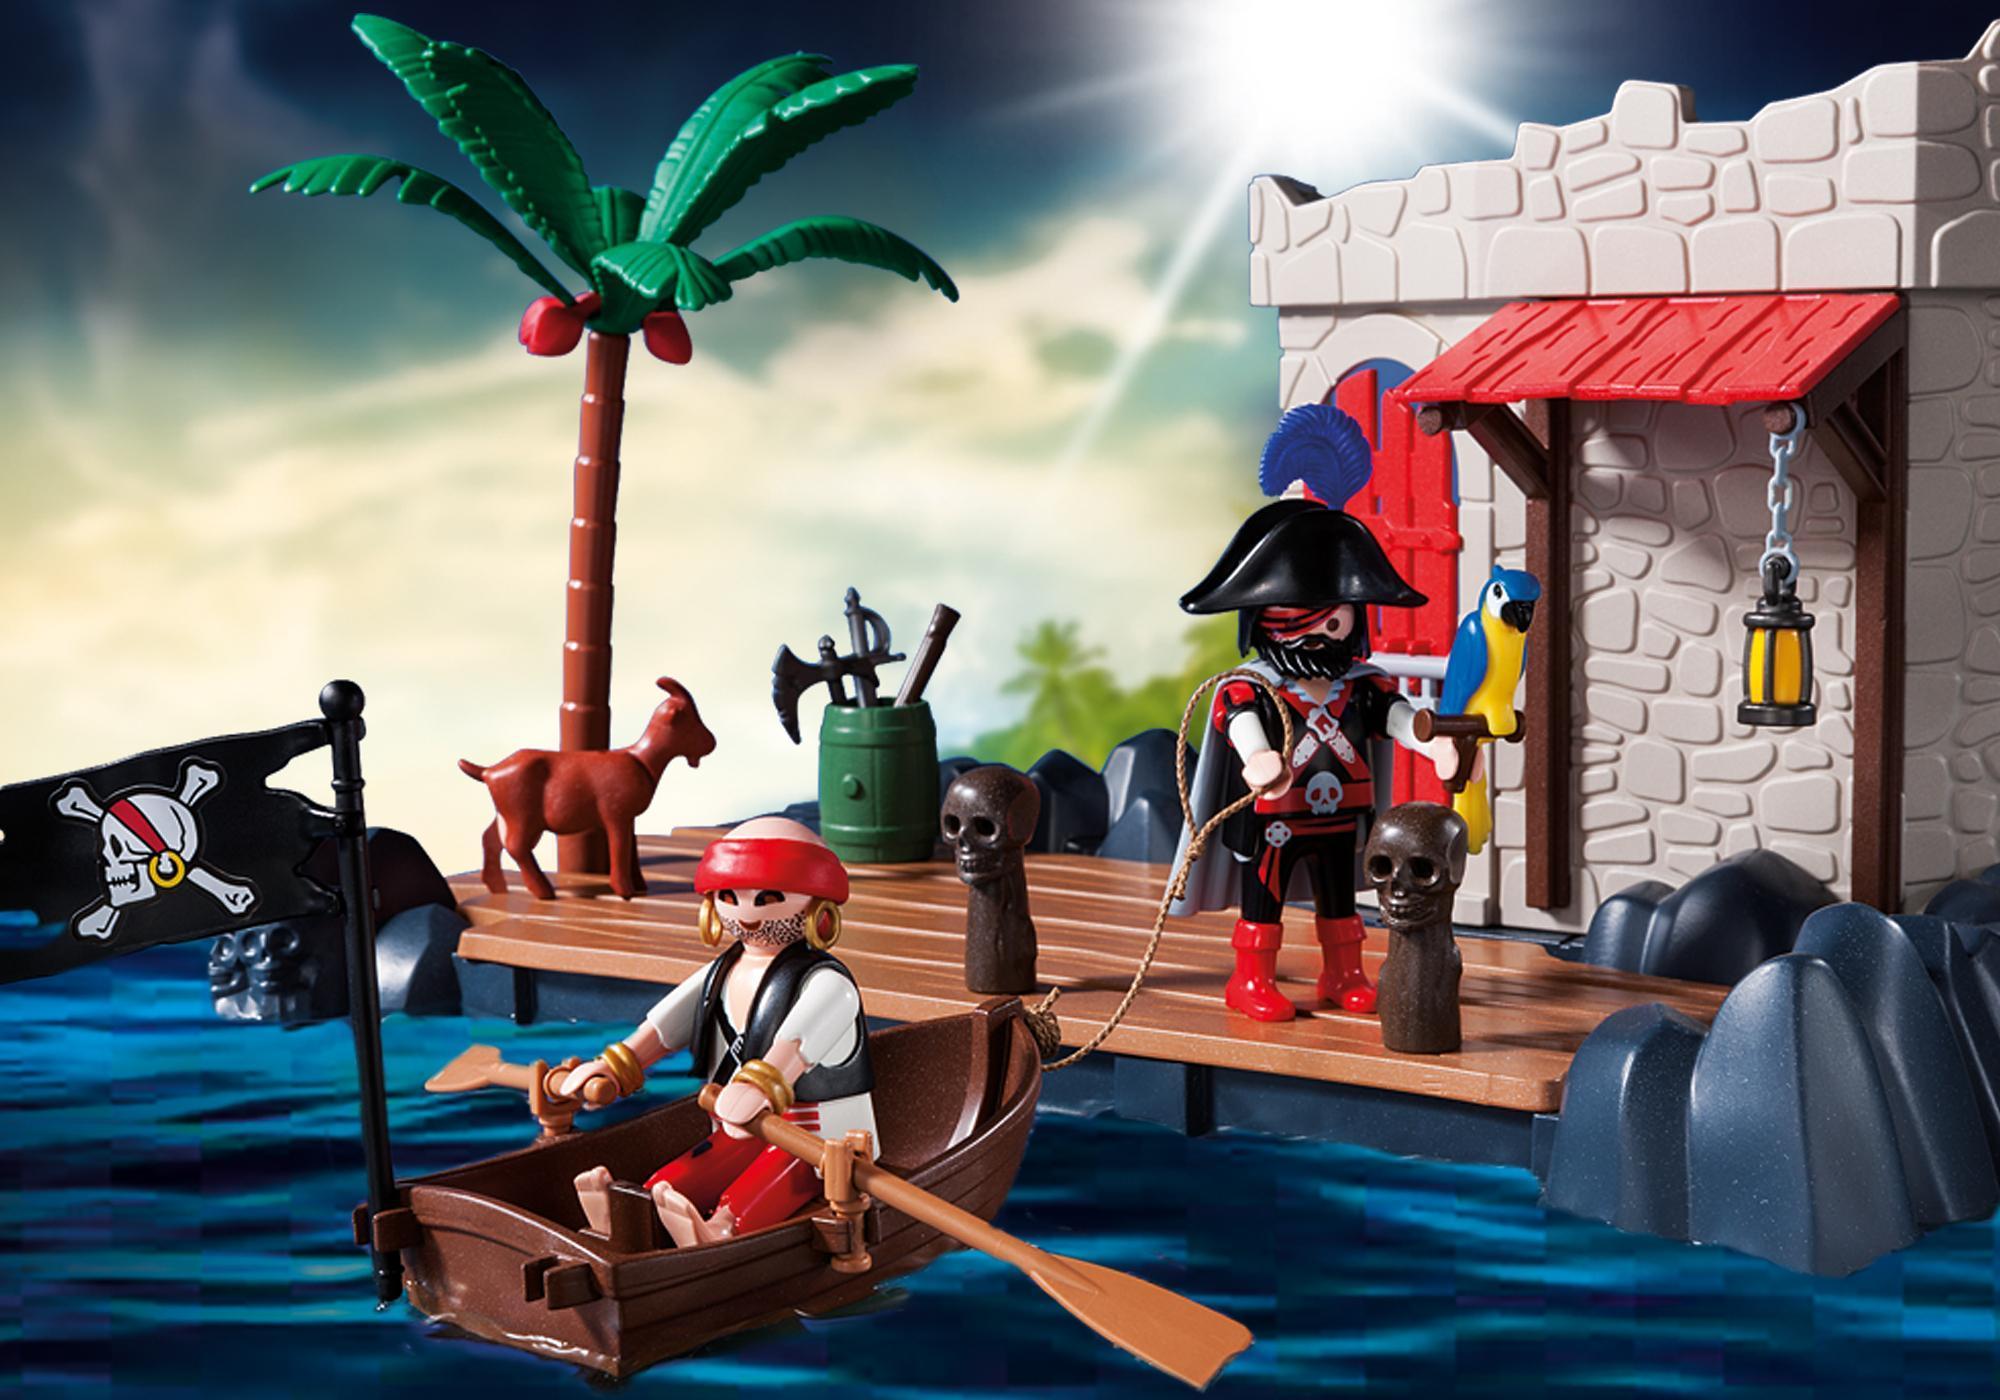 http://media.playmobil.com/i/playmobil/6146_product_extra1/Superset Fuerte Pirata